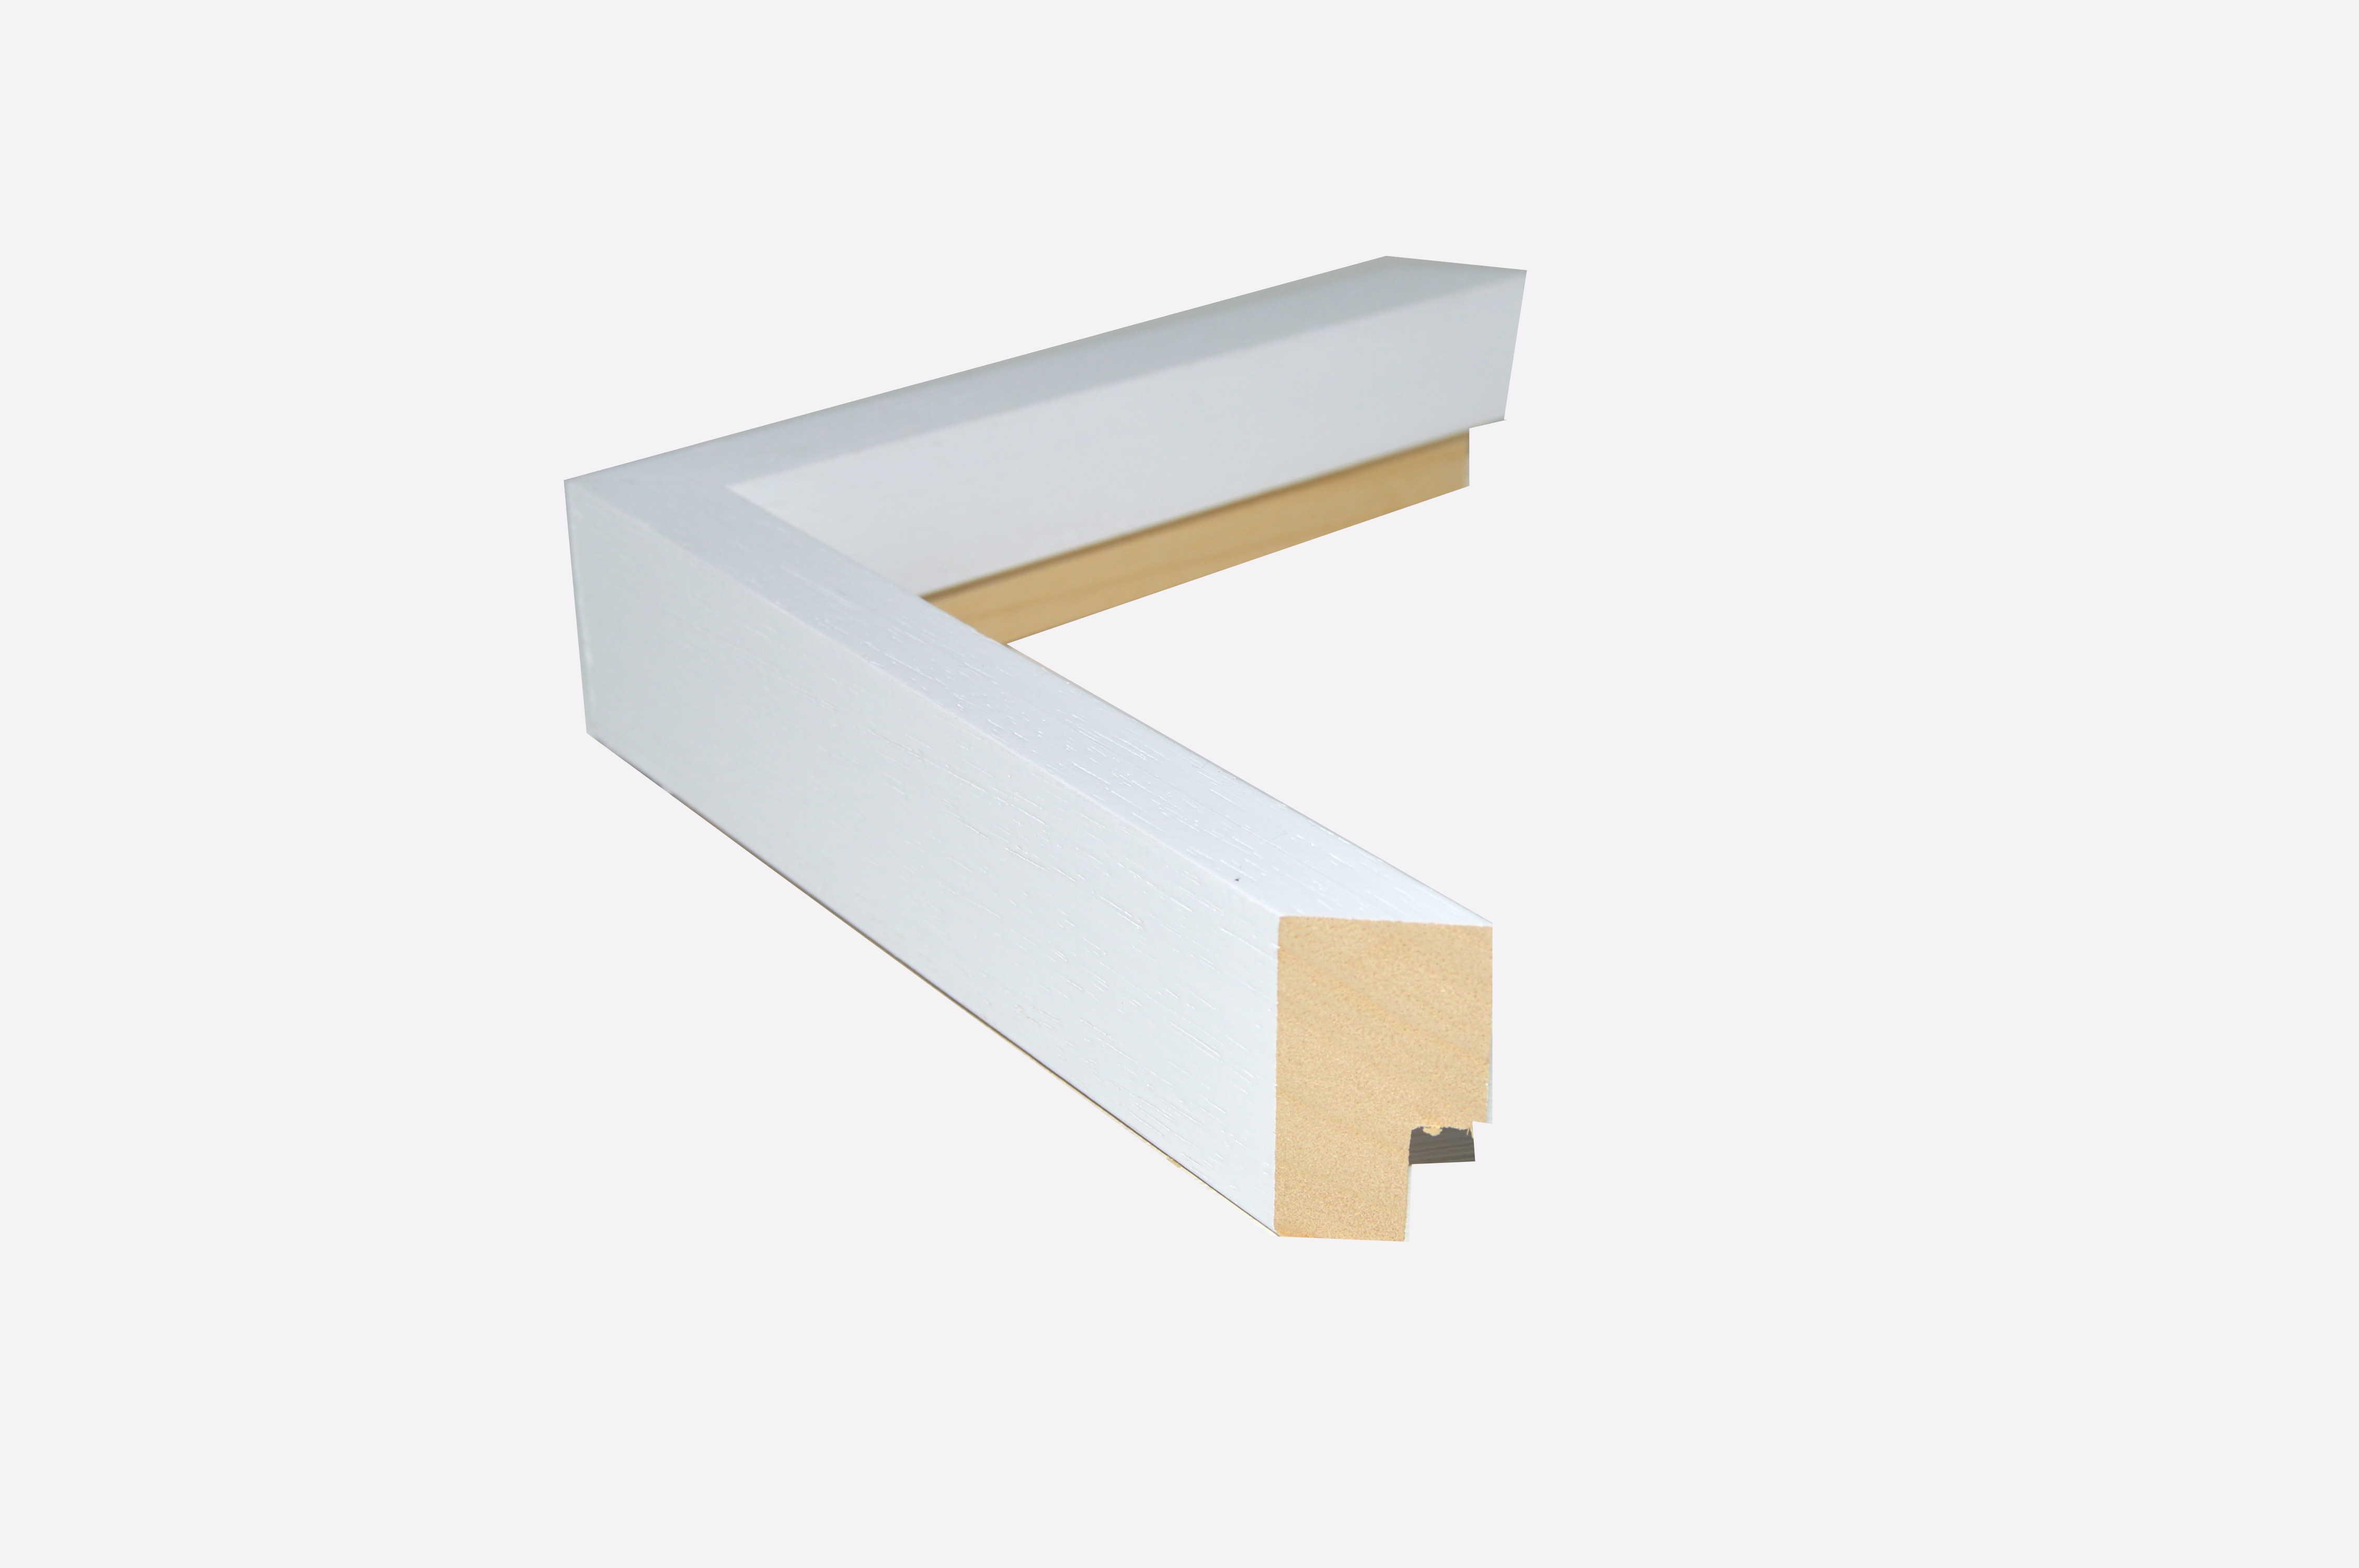 01121-380 PLANA BLANCA-ancho1.7cm-perfil